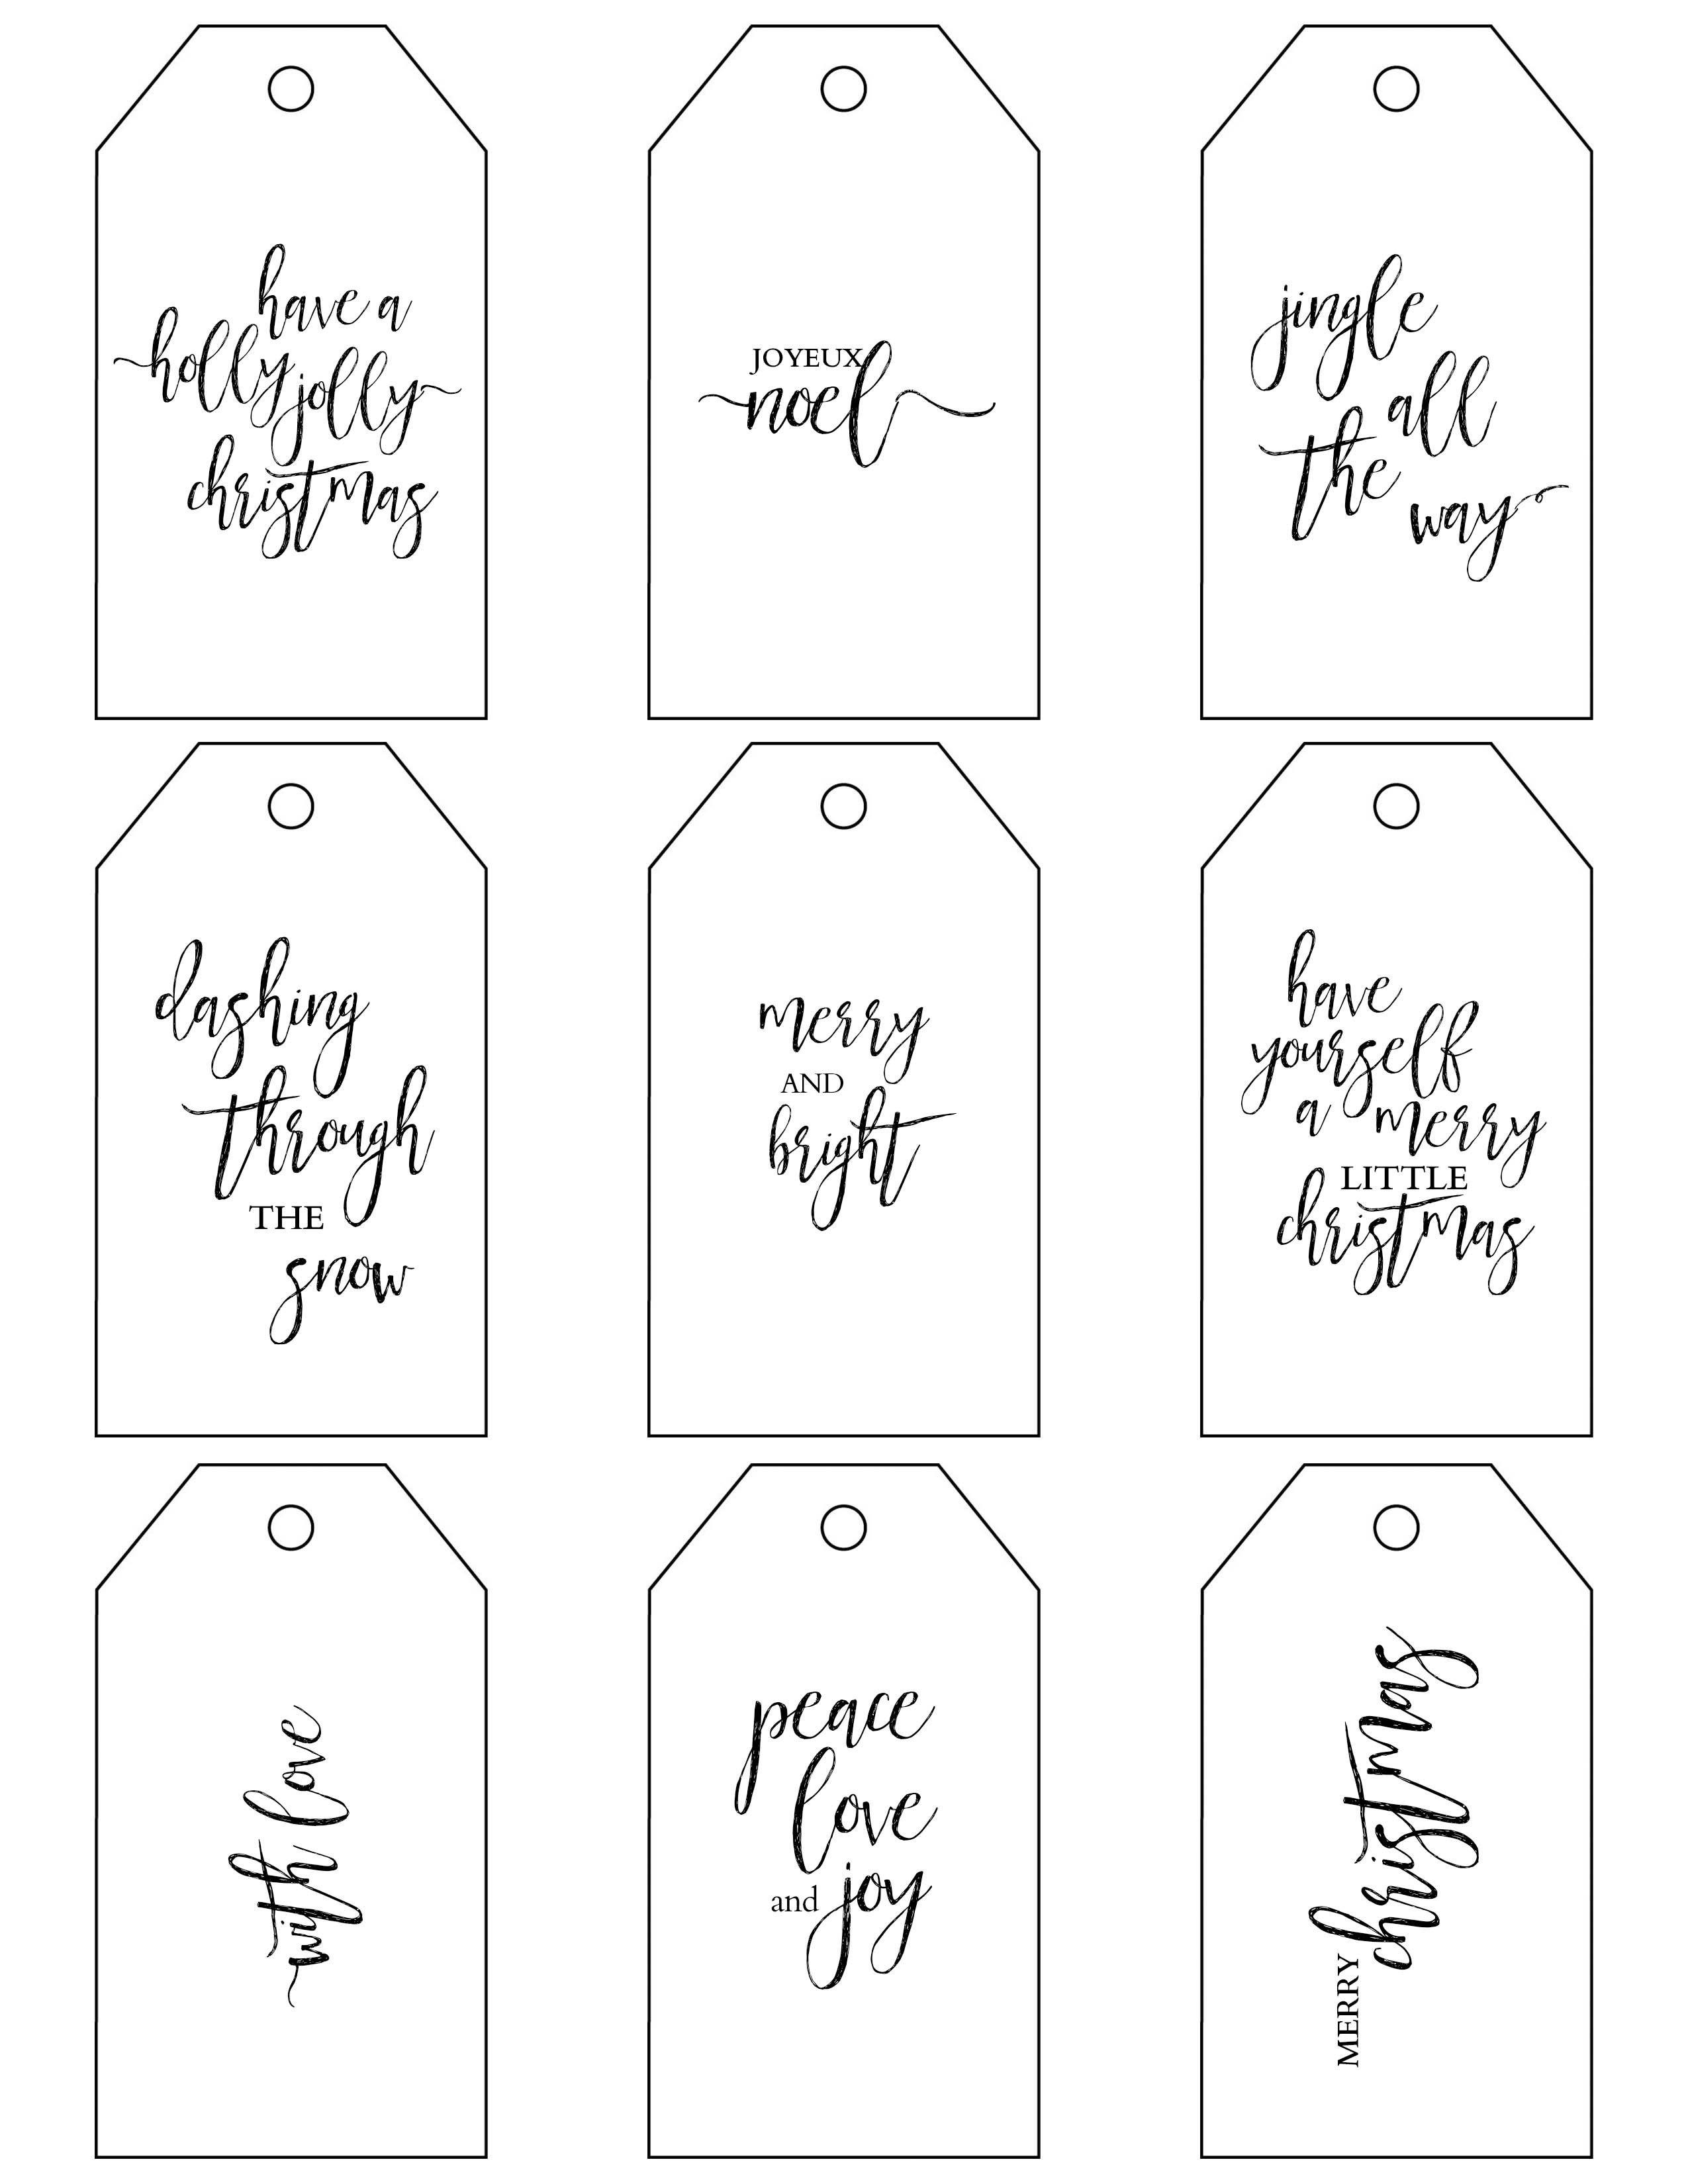 Printable Christmas Gift Tags Make Holiday Wrapping Simple - Diy Christmas Gift Tags Free Printable